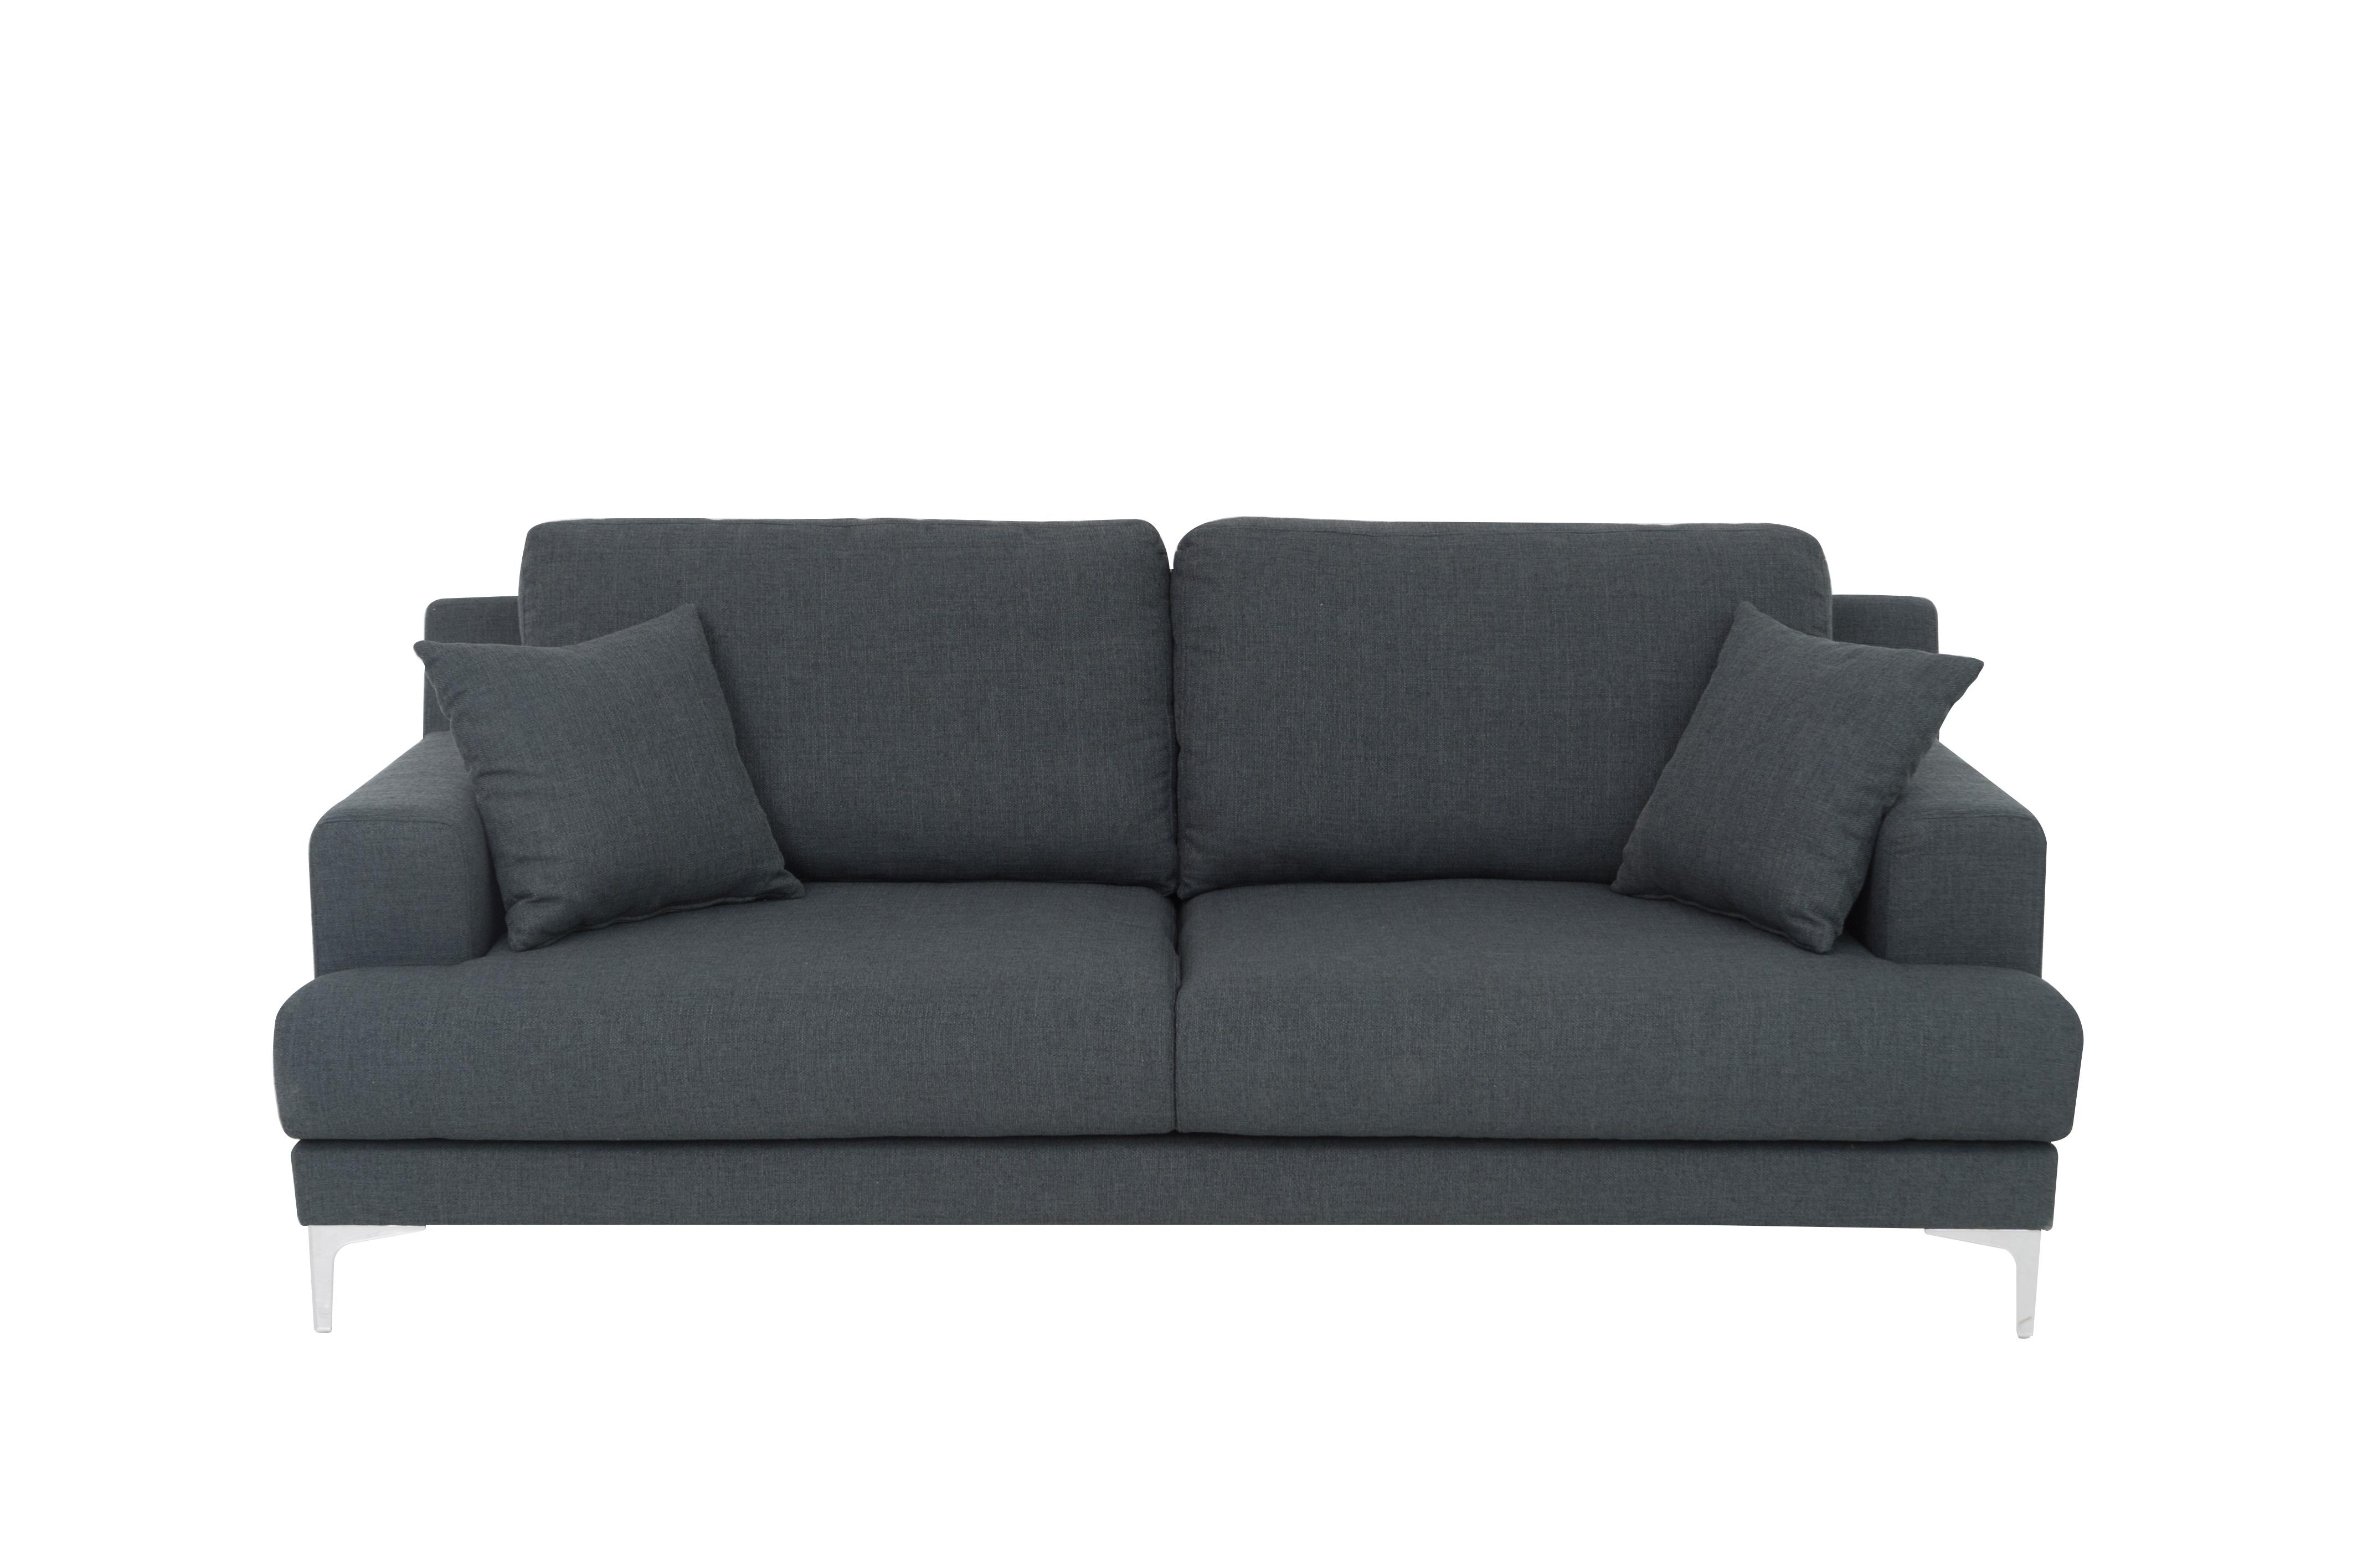 Recliner European Style Sofa Recliner European Style Sofa